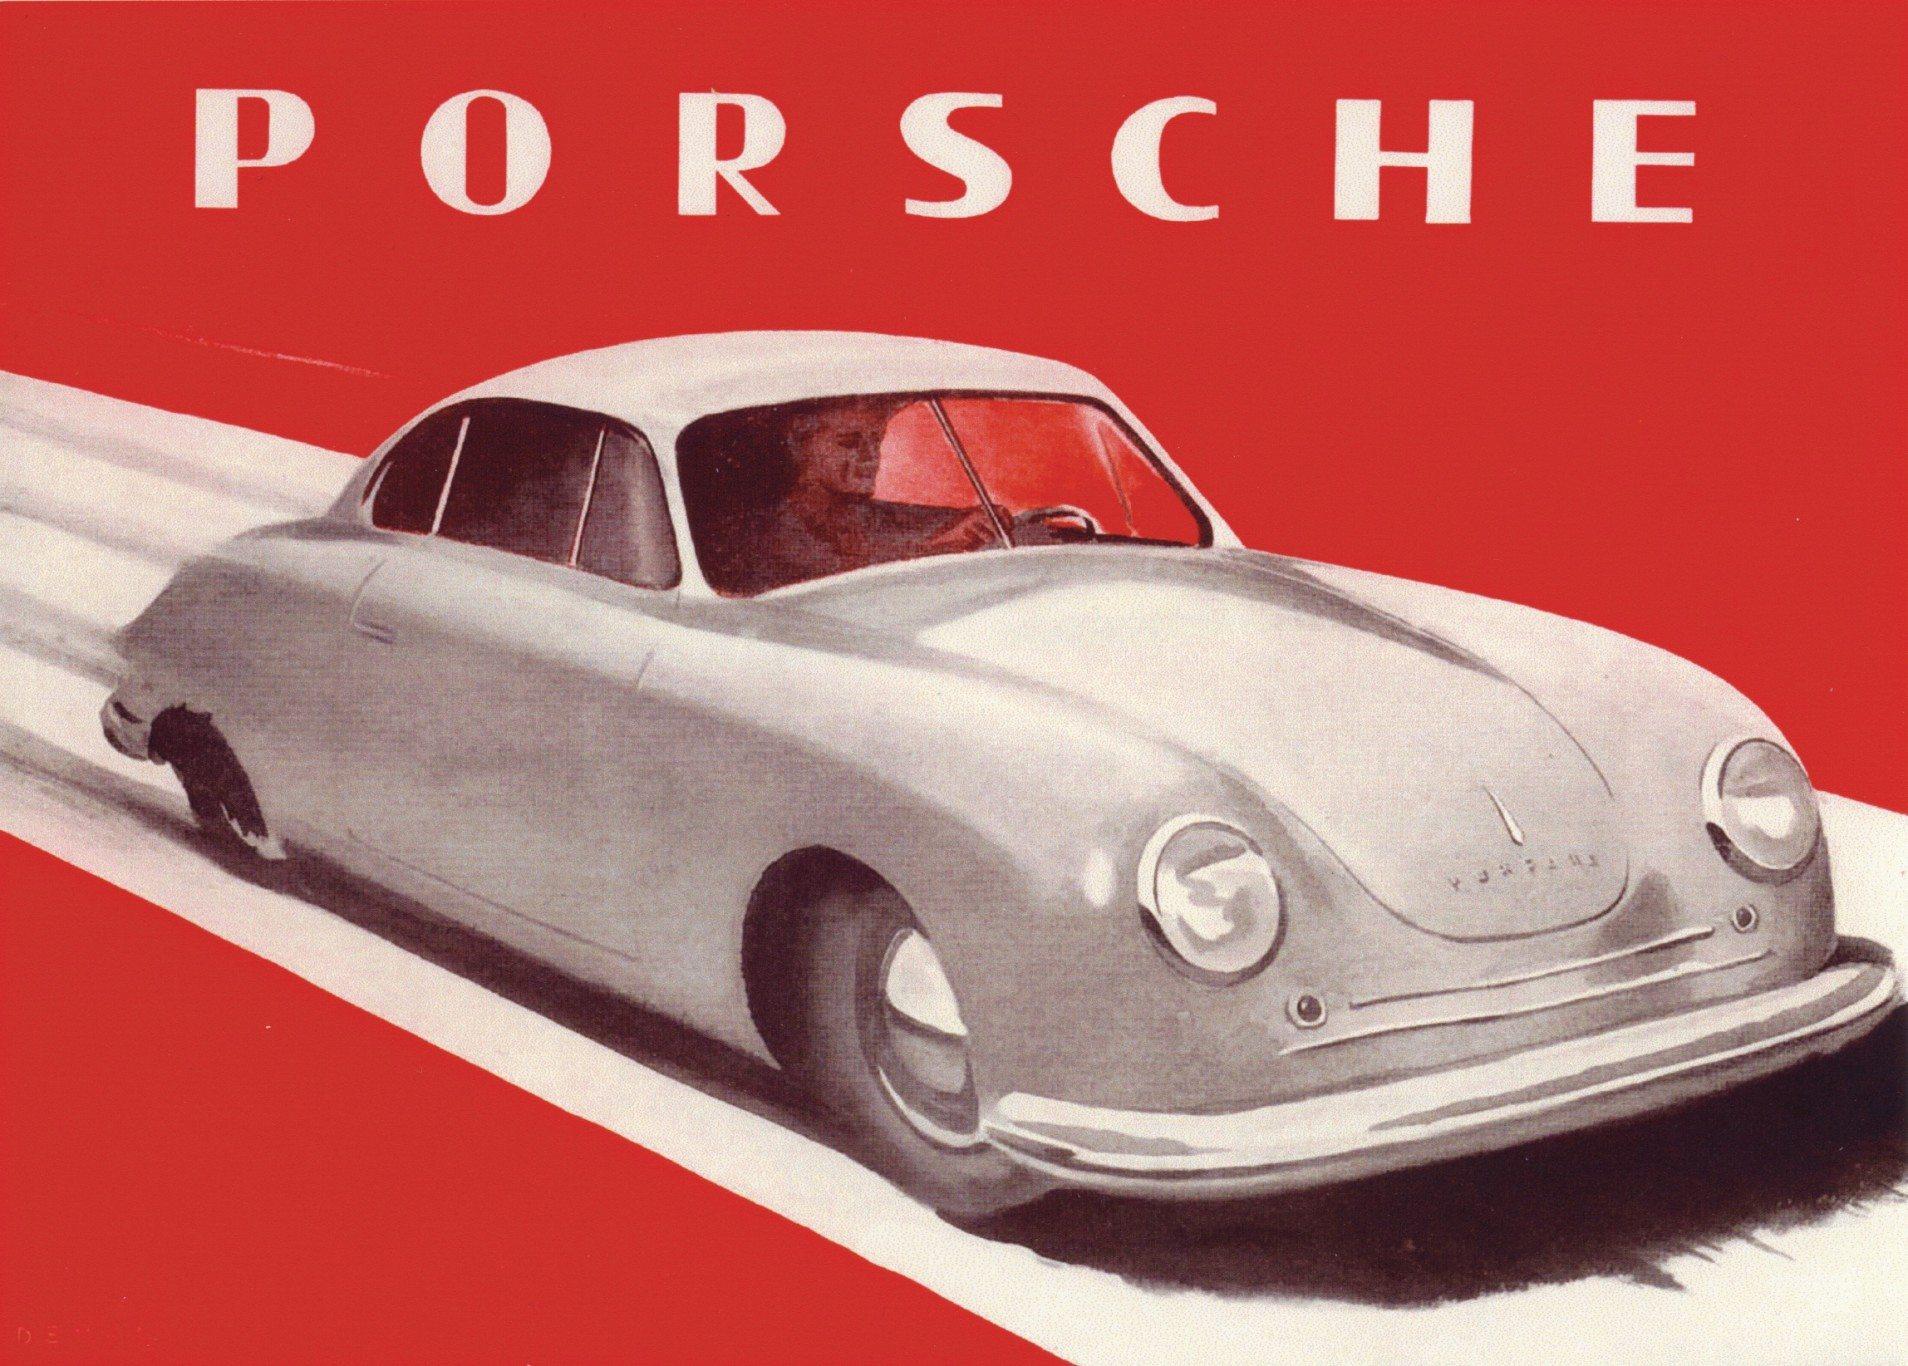 first Porsche sales brochure in 1948 1